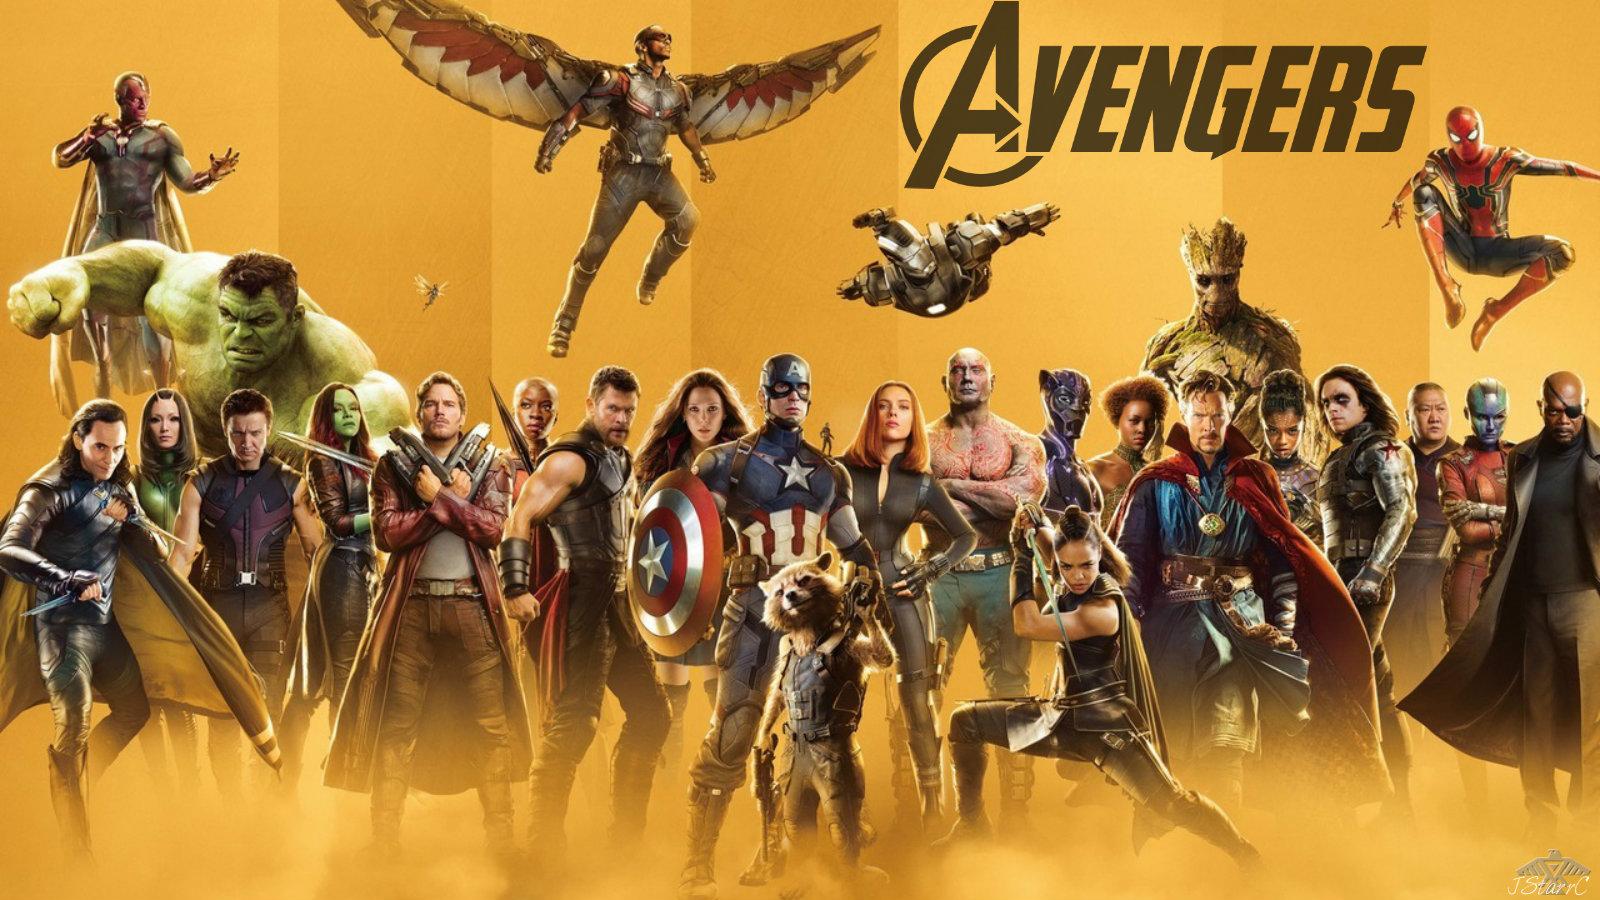 Avengers Endgame 2019 Avengers Infinity War 1 2 Wallpaper